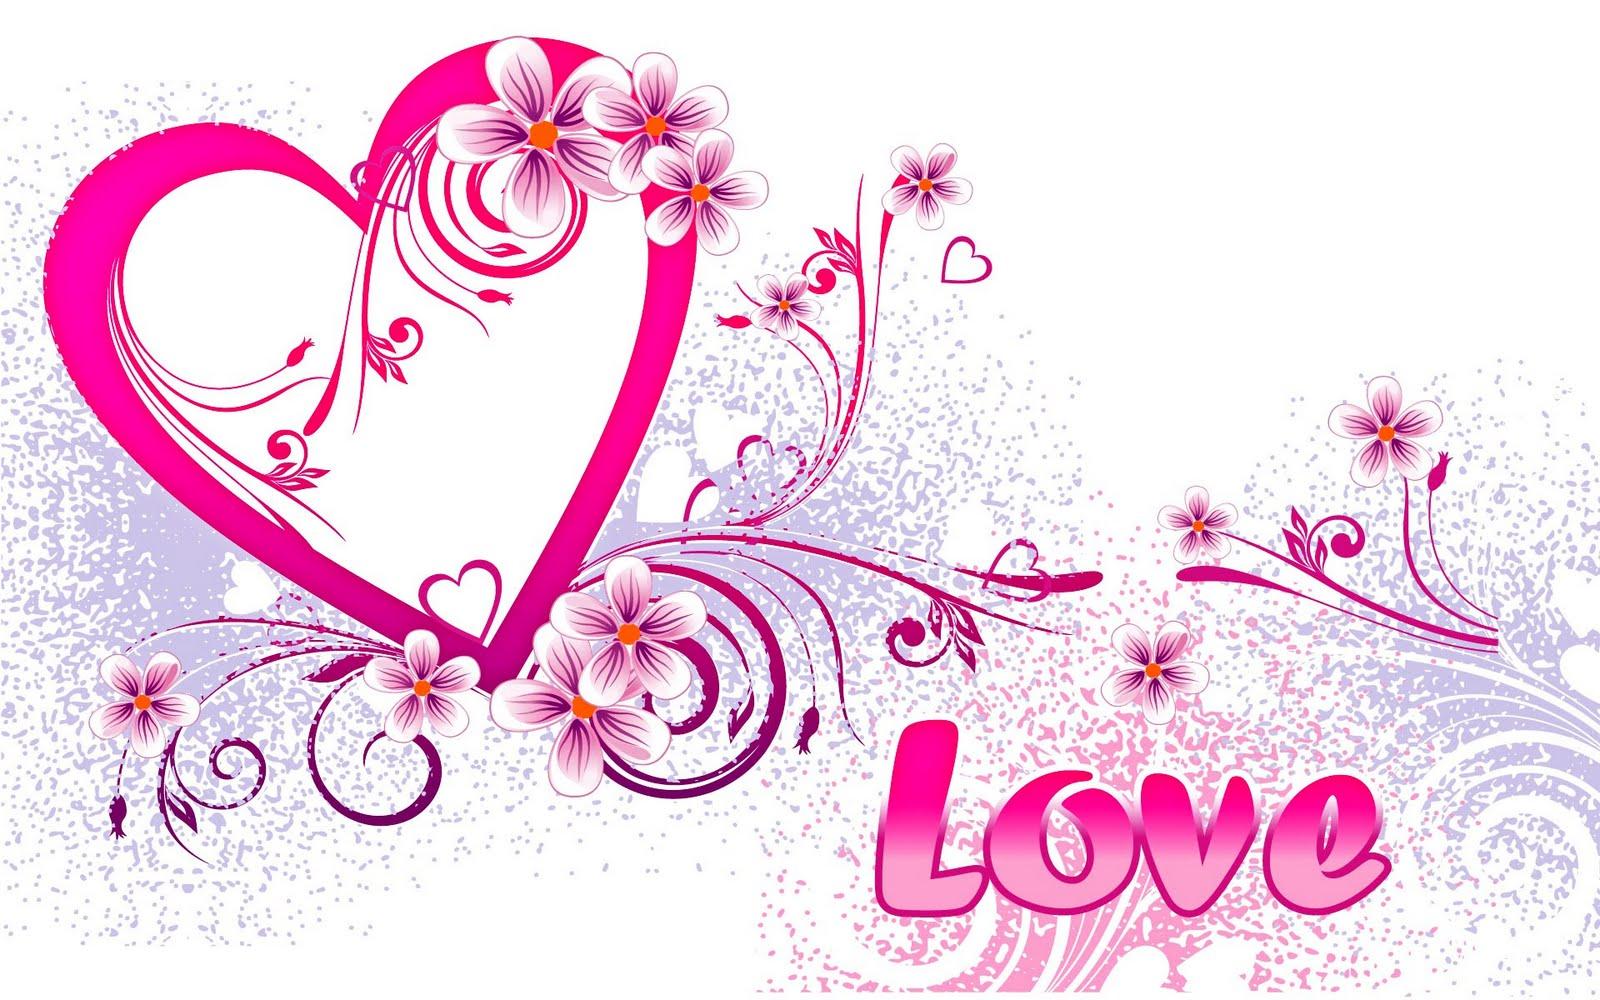 http://1.bp.blogspot.com/-vVYqpmSxkOA/Tdn9tZccjVI/AAAAAAAAAk4/-dFbt8ezQ0k/s1600/Love-wallpaper-love-4187632-1920-1200.jpg